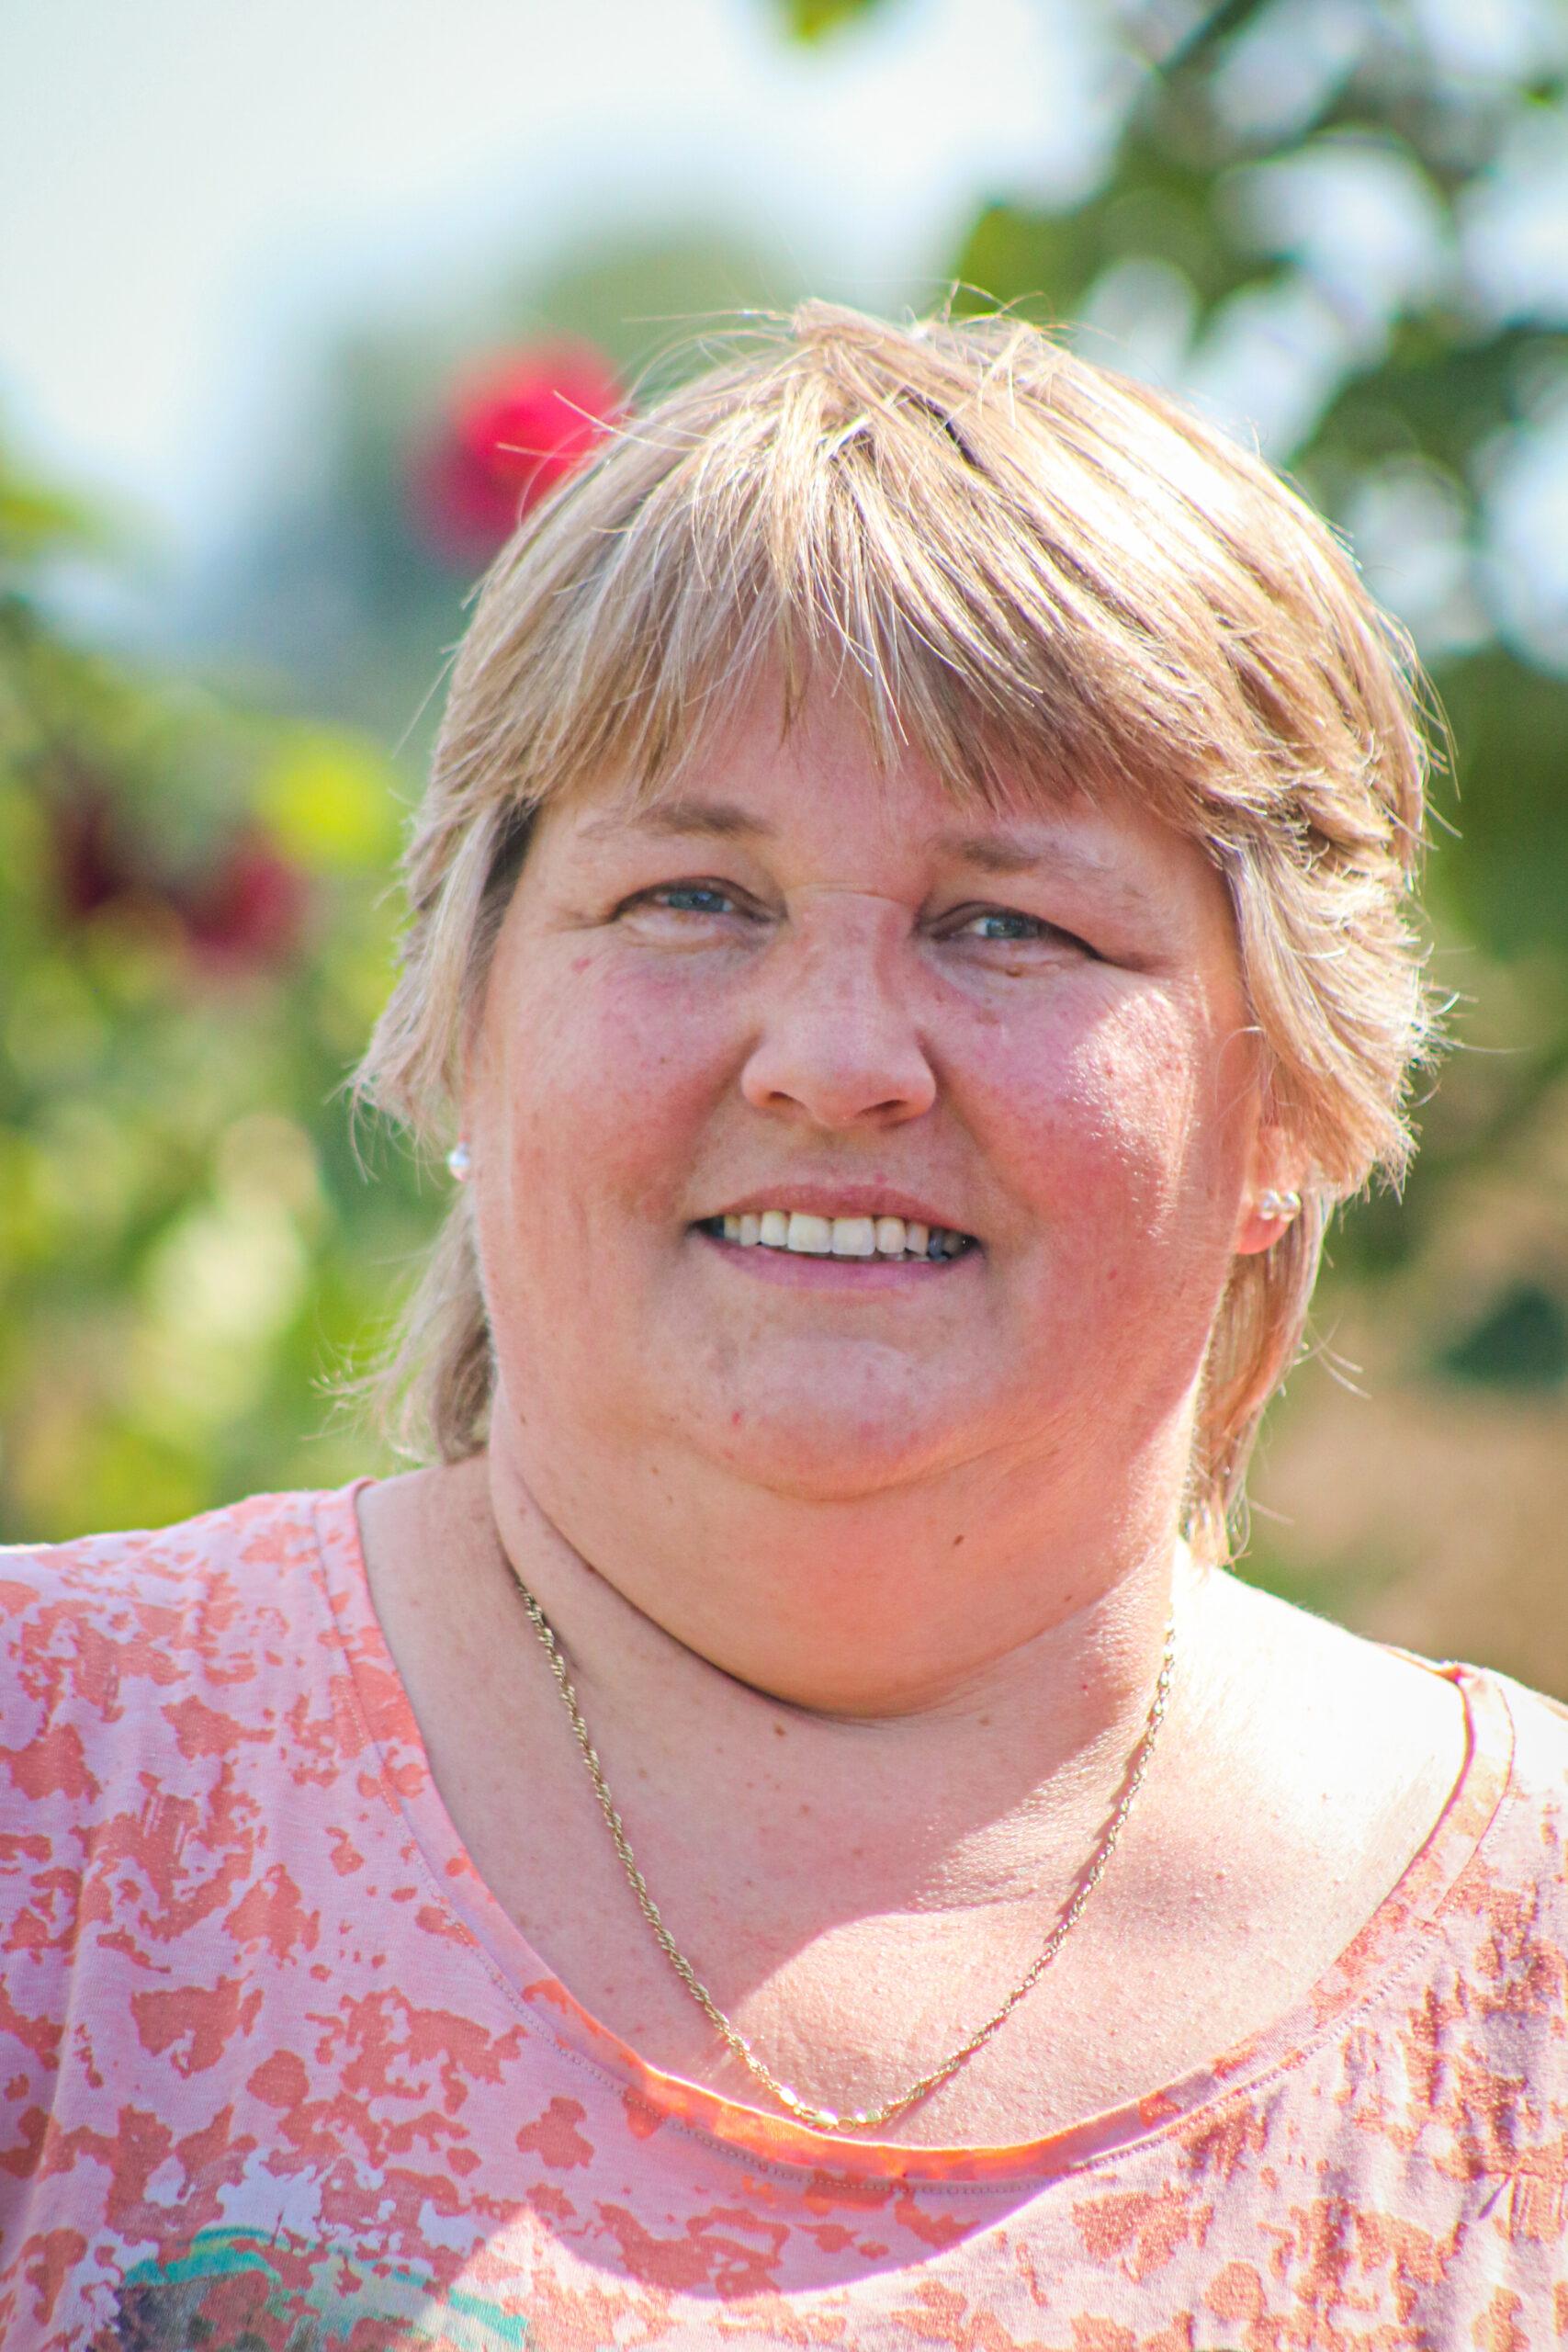 Andrea Bömeke